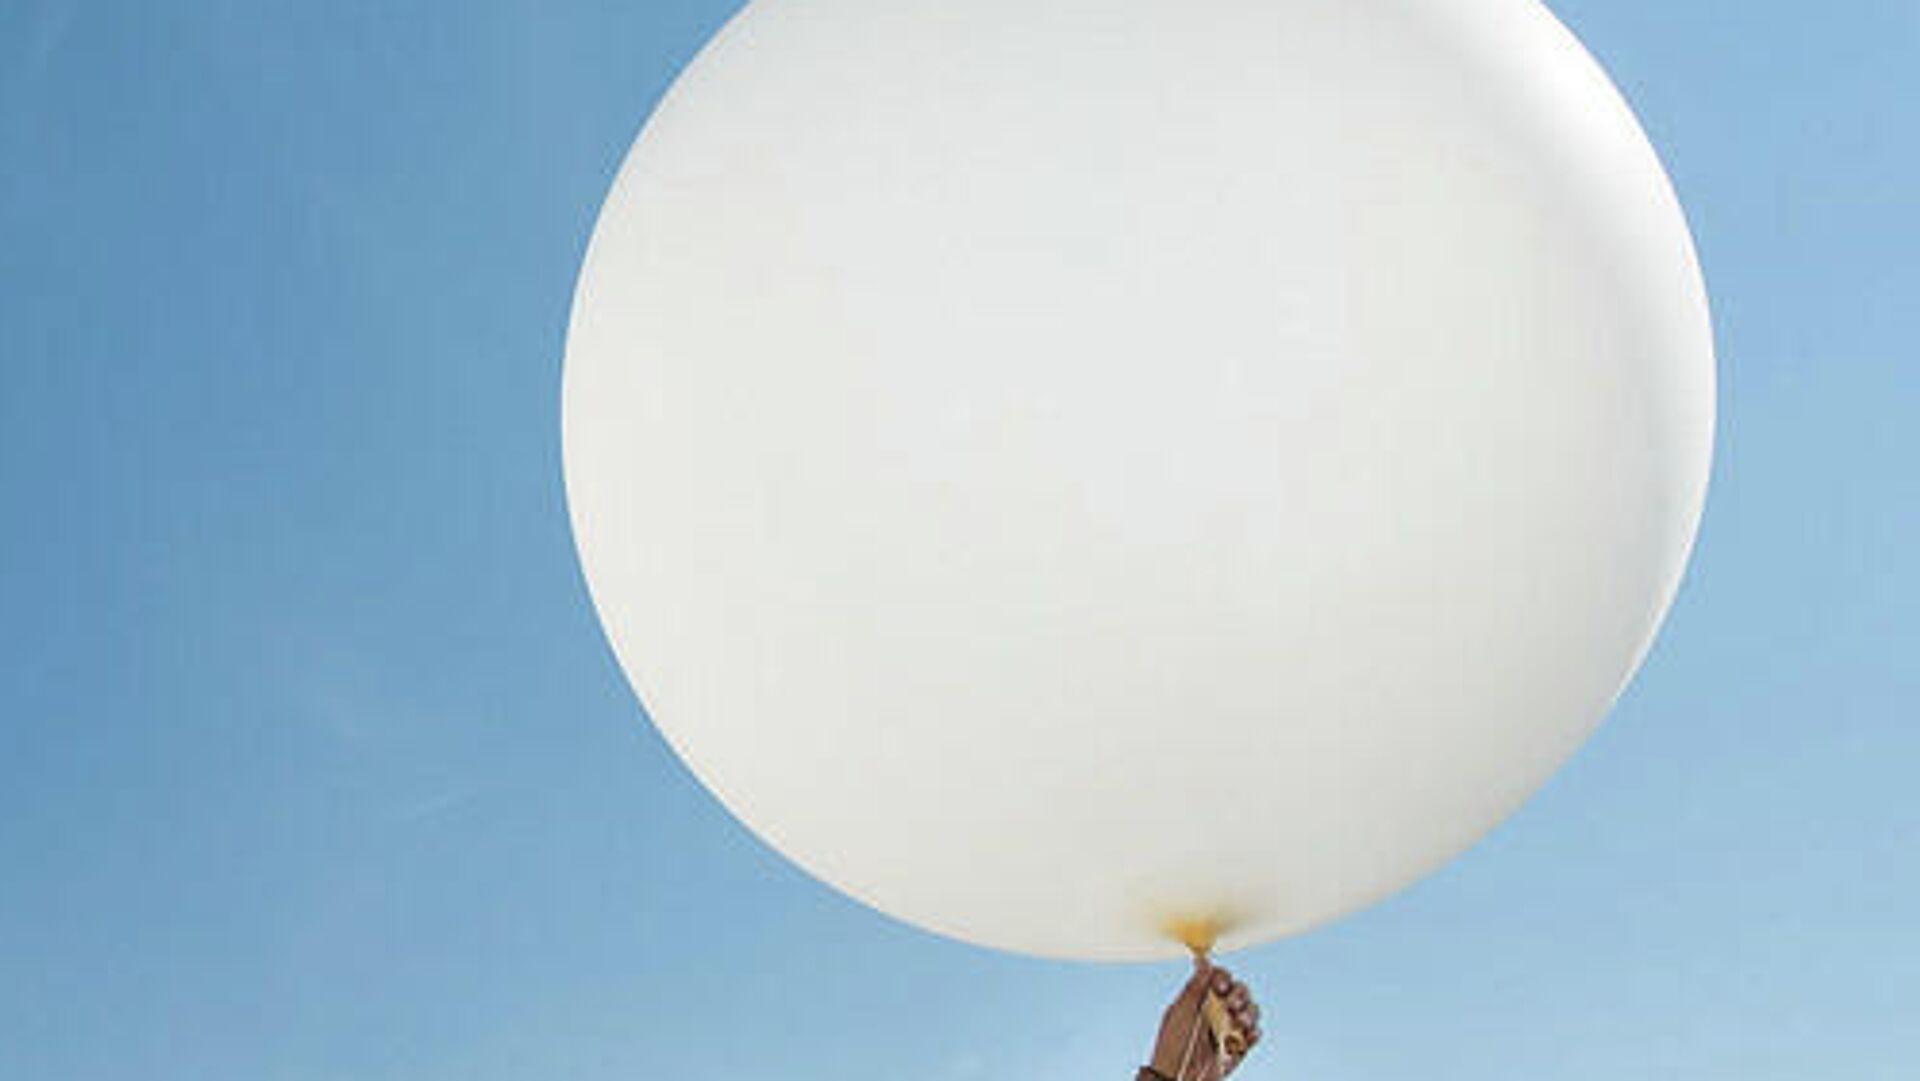 Wetterballon (Symbolbild) - SNA, 1920, 04.03.2021